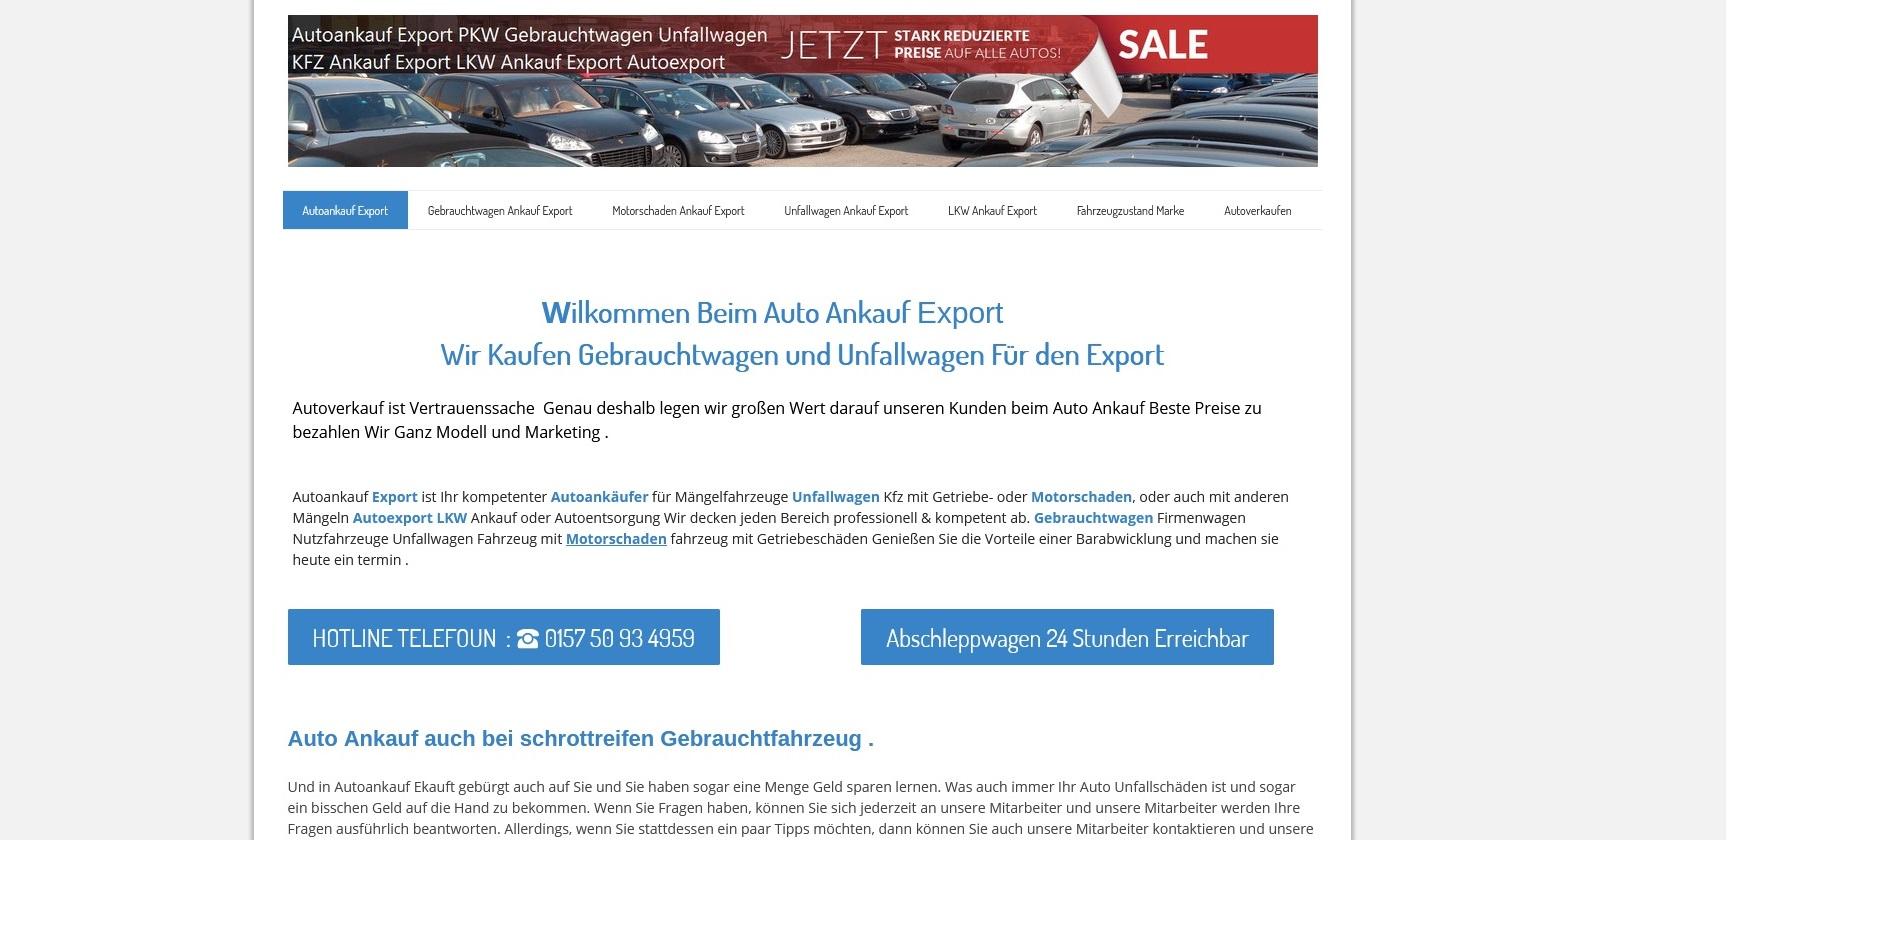 Kfz-Ankauf-export.de | Autoankauf Tübingen | Autoankauf Export Tübingen